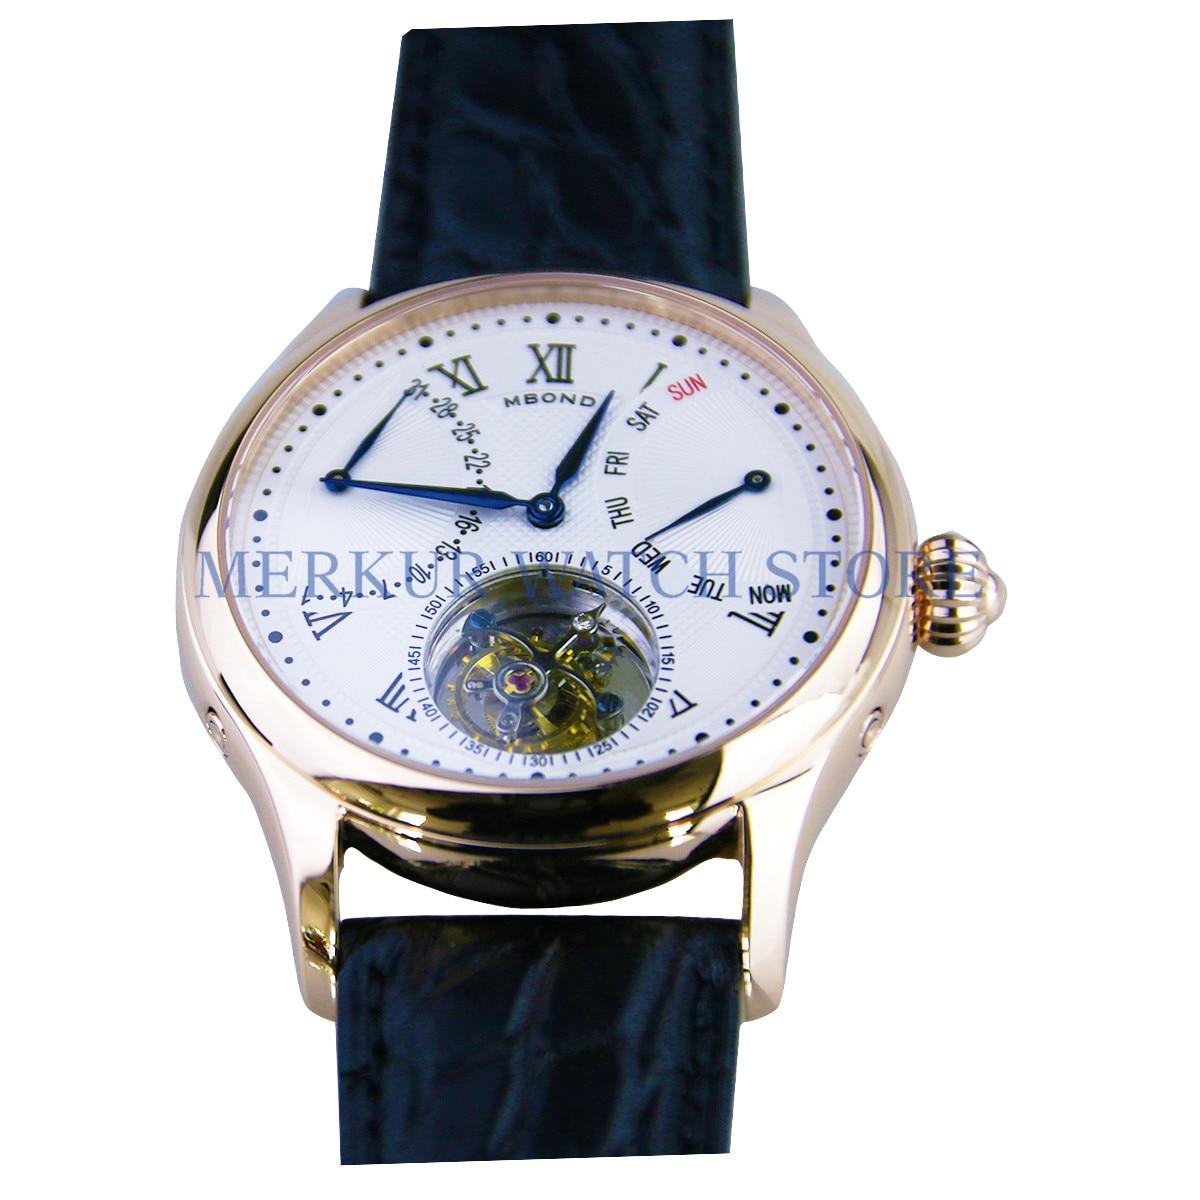 BOND Mens Watch Mechanical Seagull ST8004 Tourbillon Movment Dress Day Date Week Luxury gold case